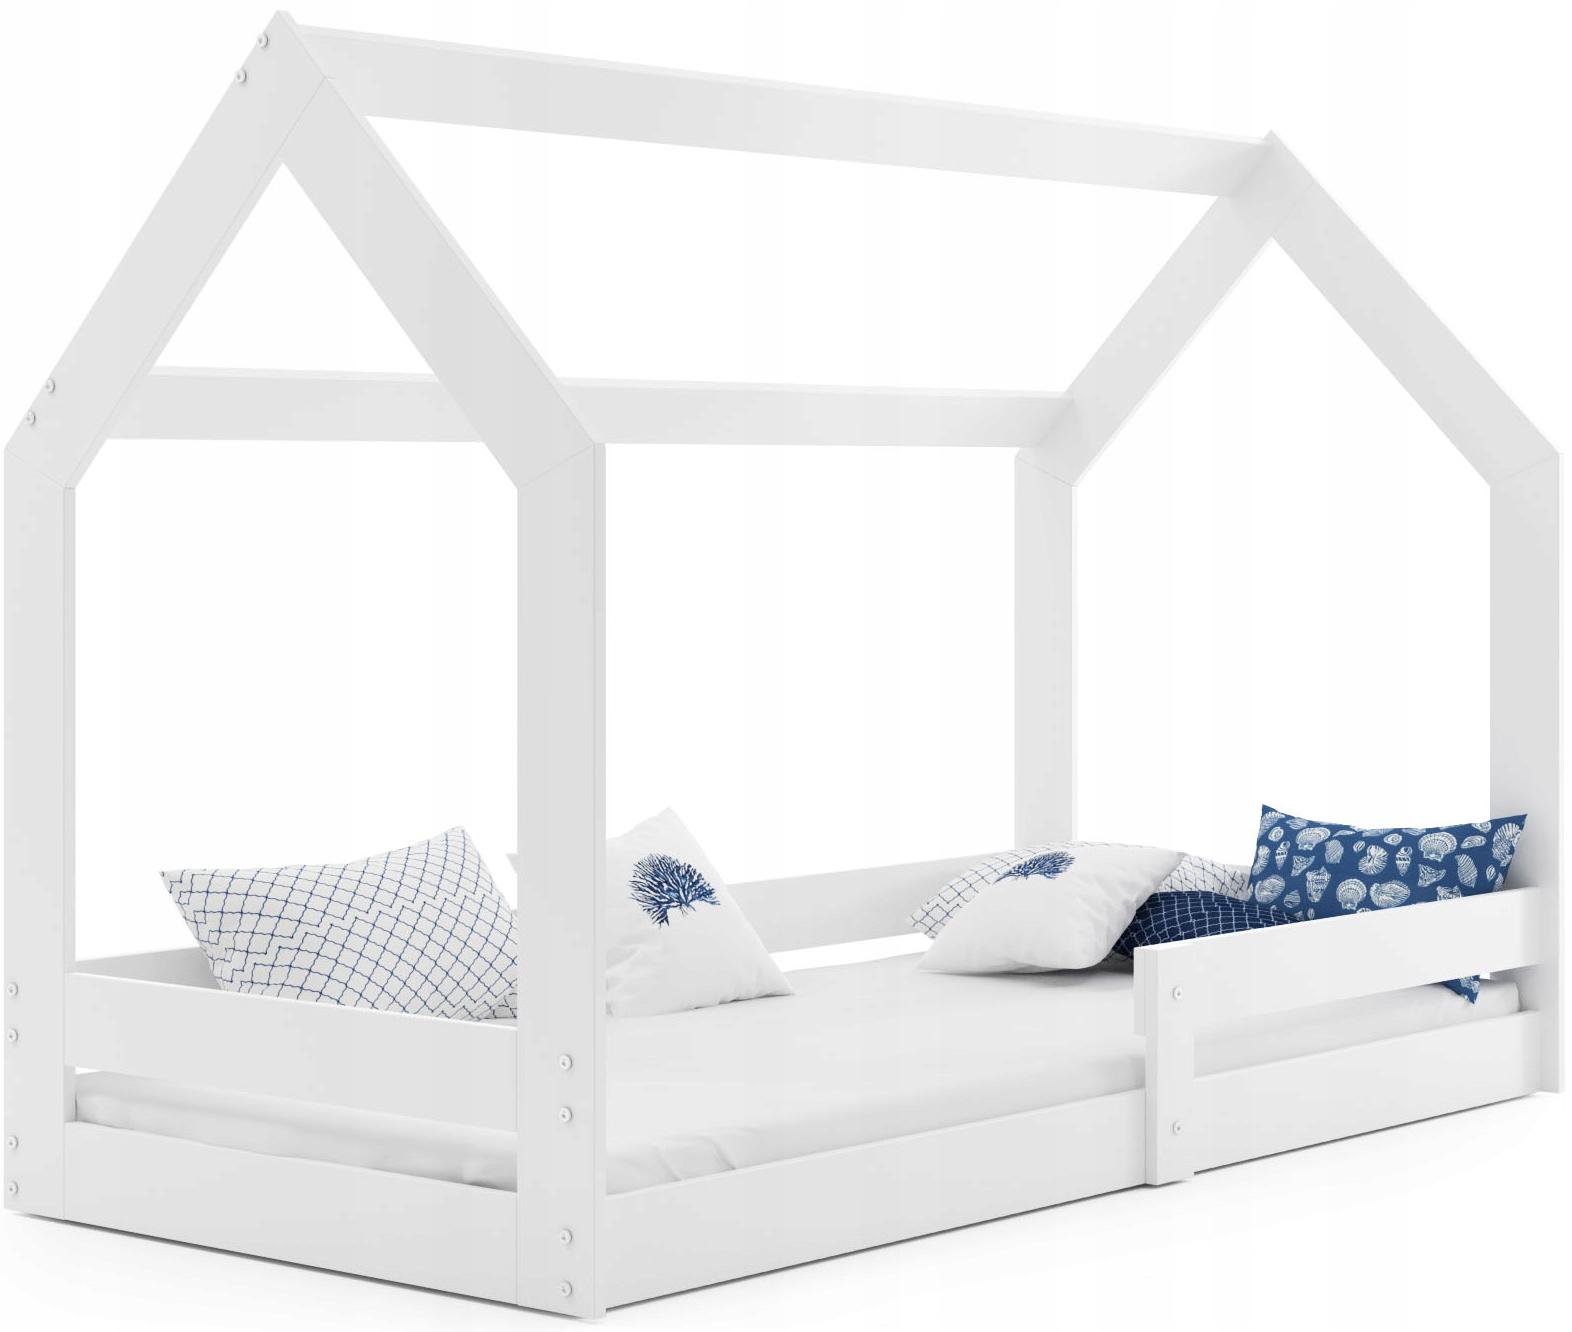 Łóżko dziecięce Domek1 stelaż materac od INTERBEDS